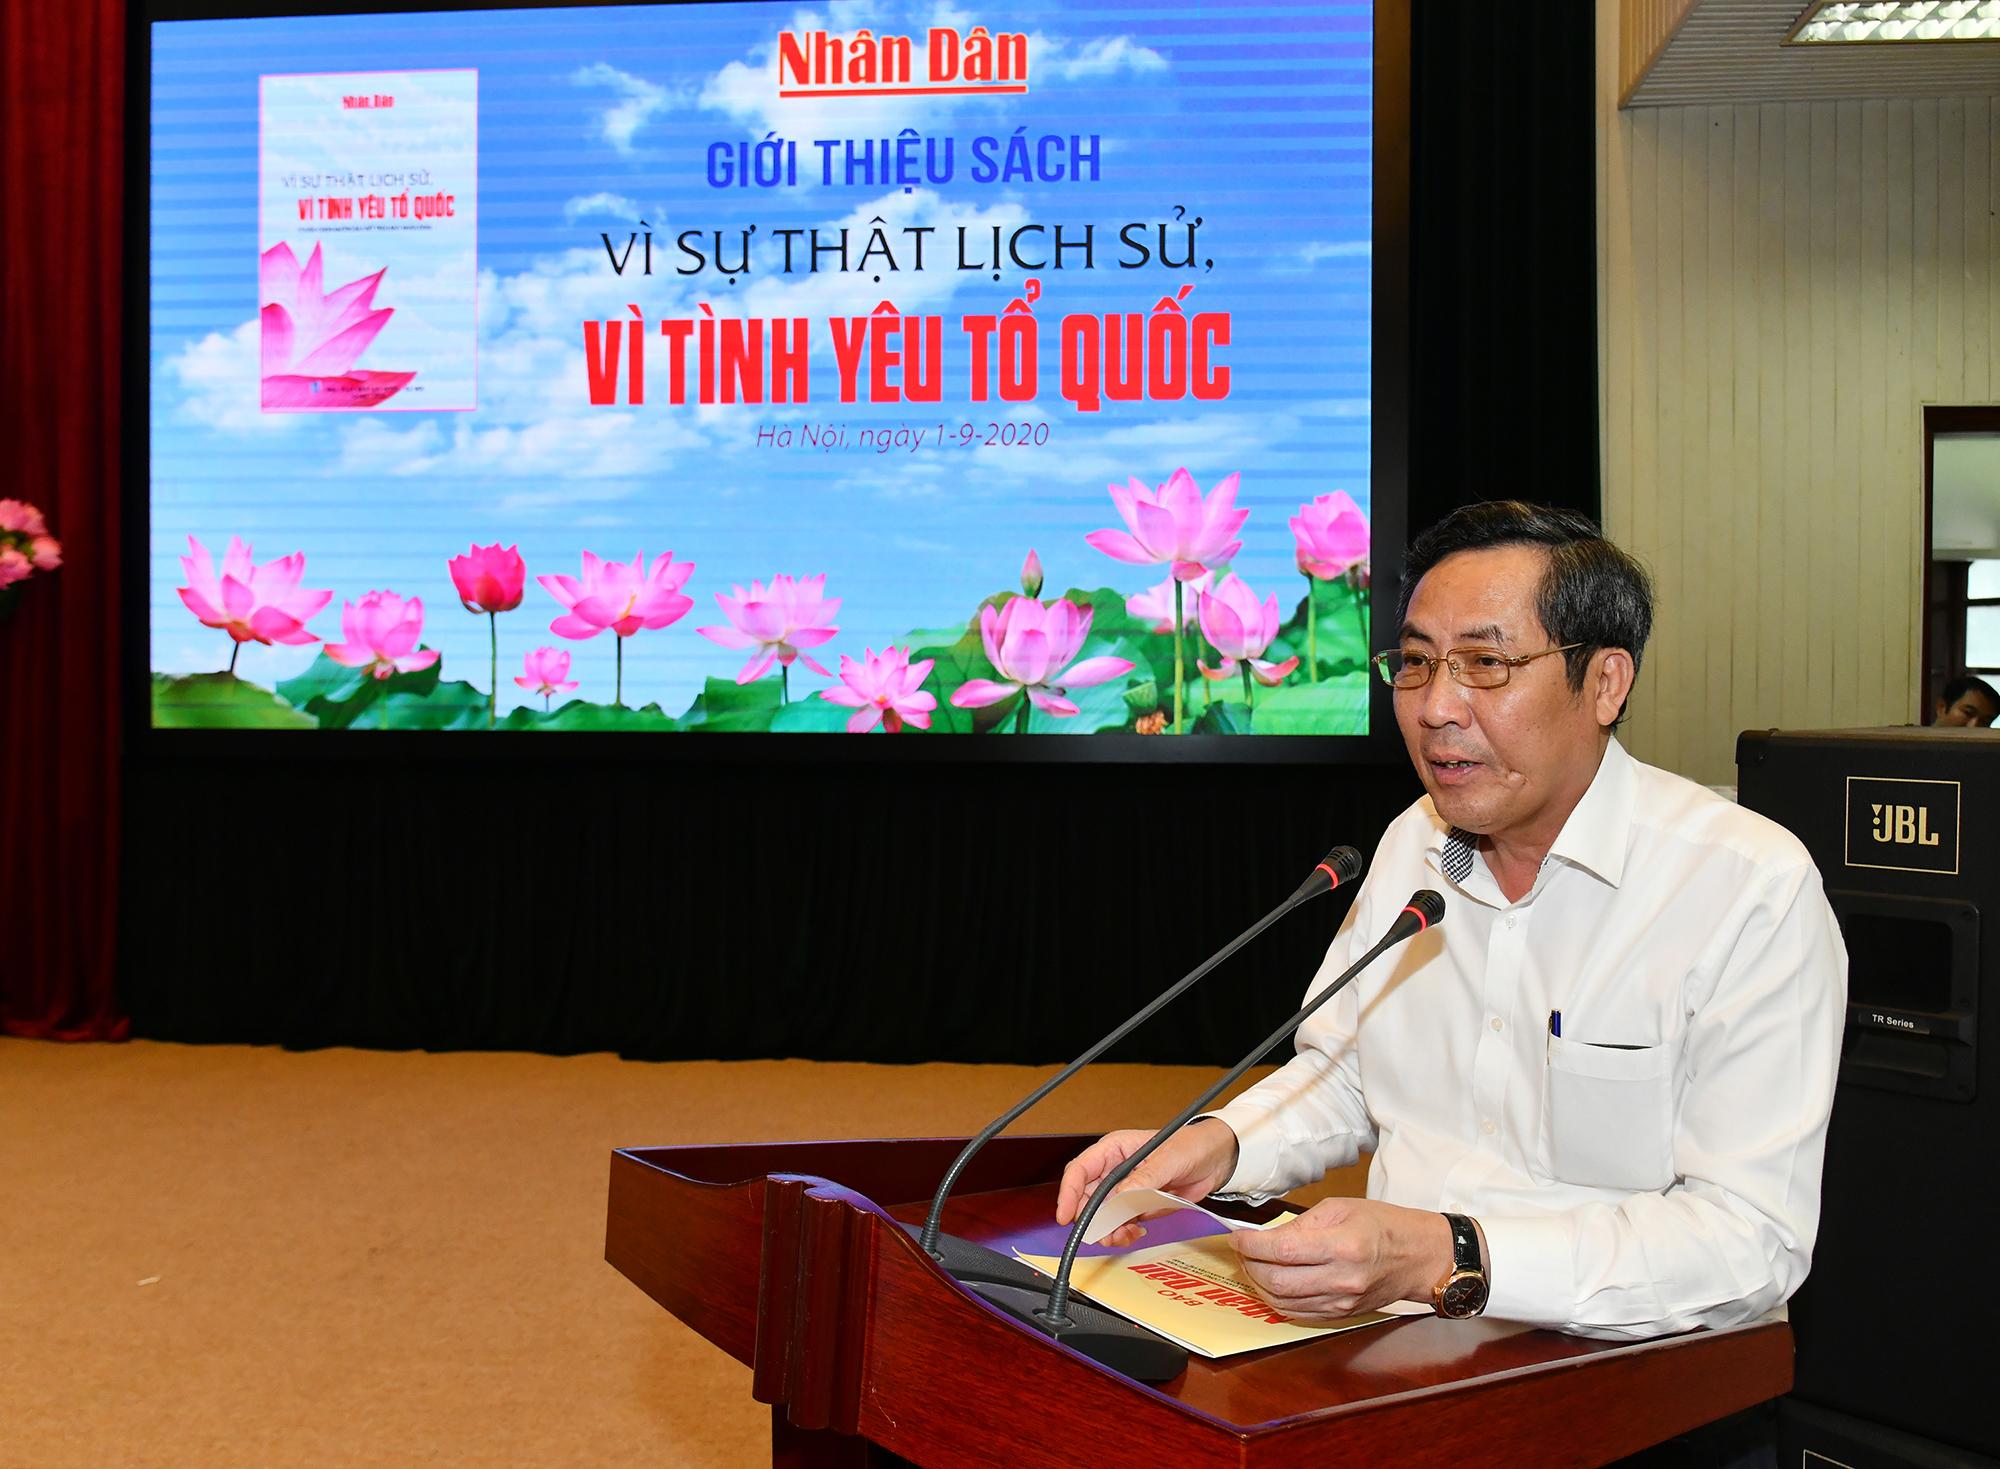 Báo Nhân Dân công bố sách 'Vì sự thật lịch sử, vì tình yêu Tổ quốc'